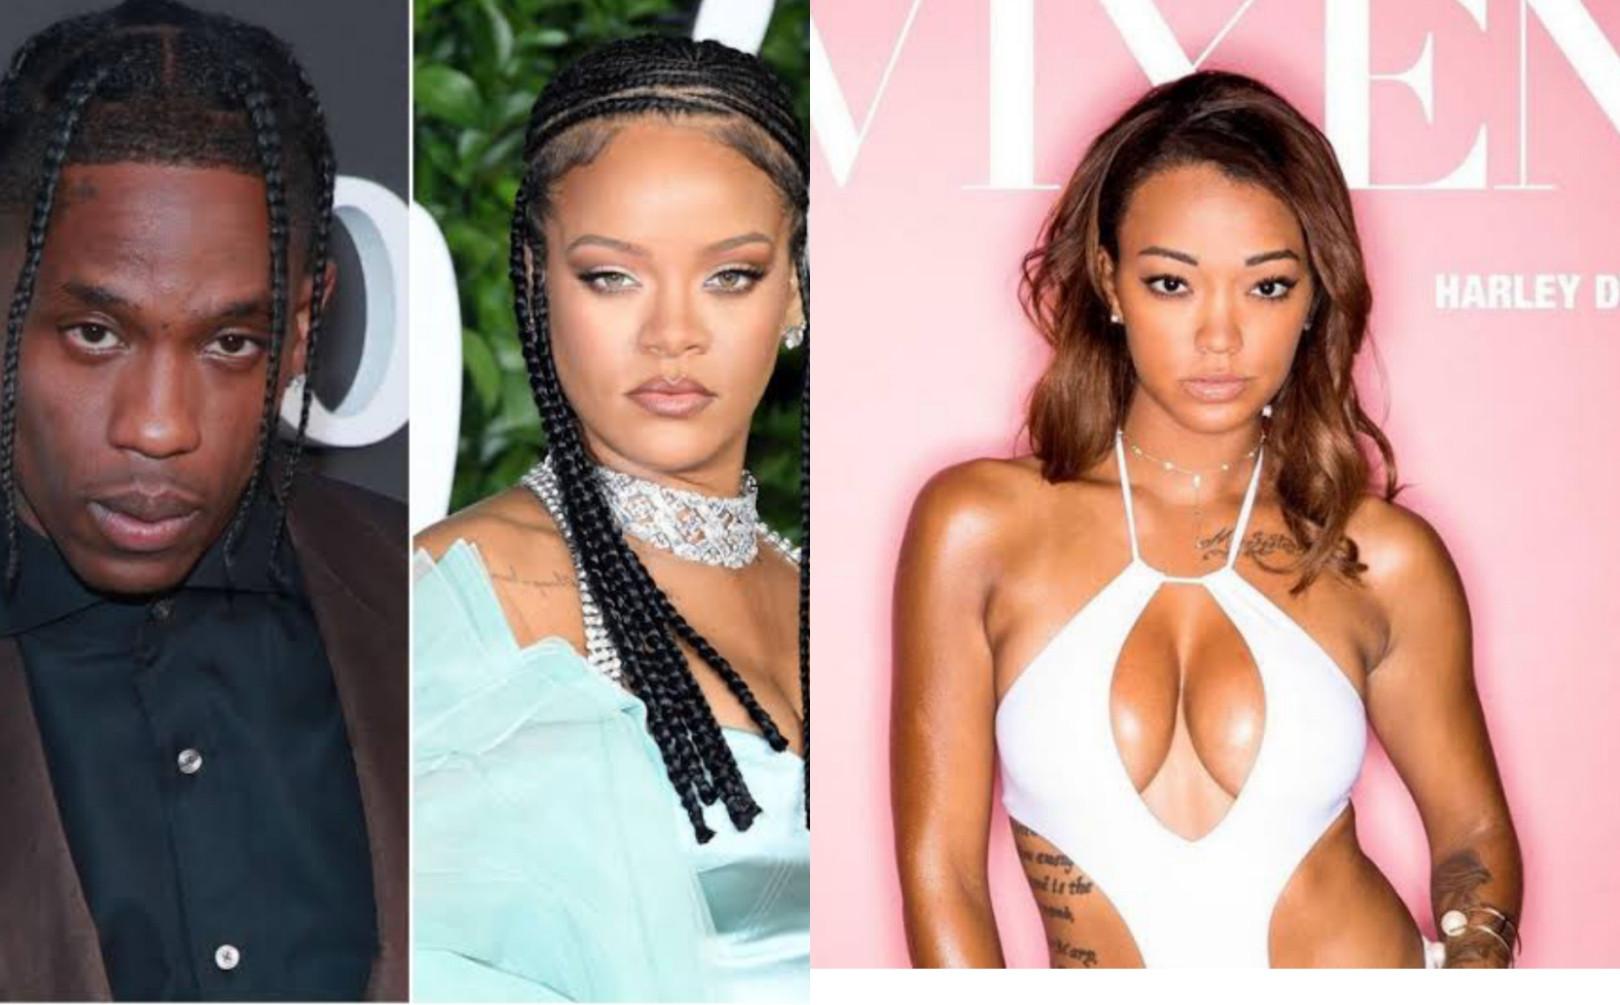 Pornstar, Harley Dean accuses Rihanna & Travis Scott of spreading STDs (video)